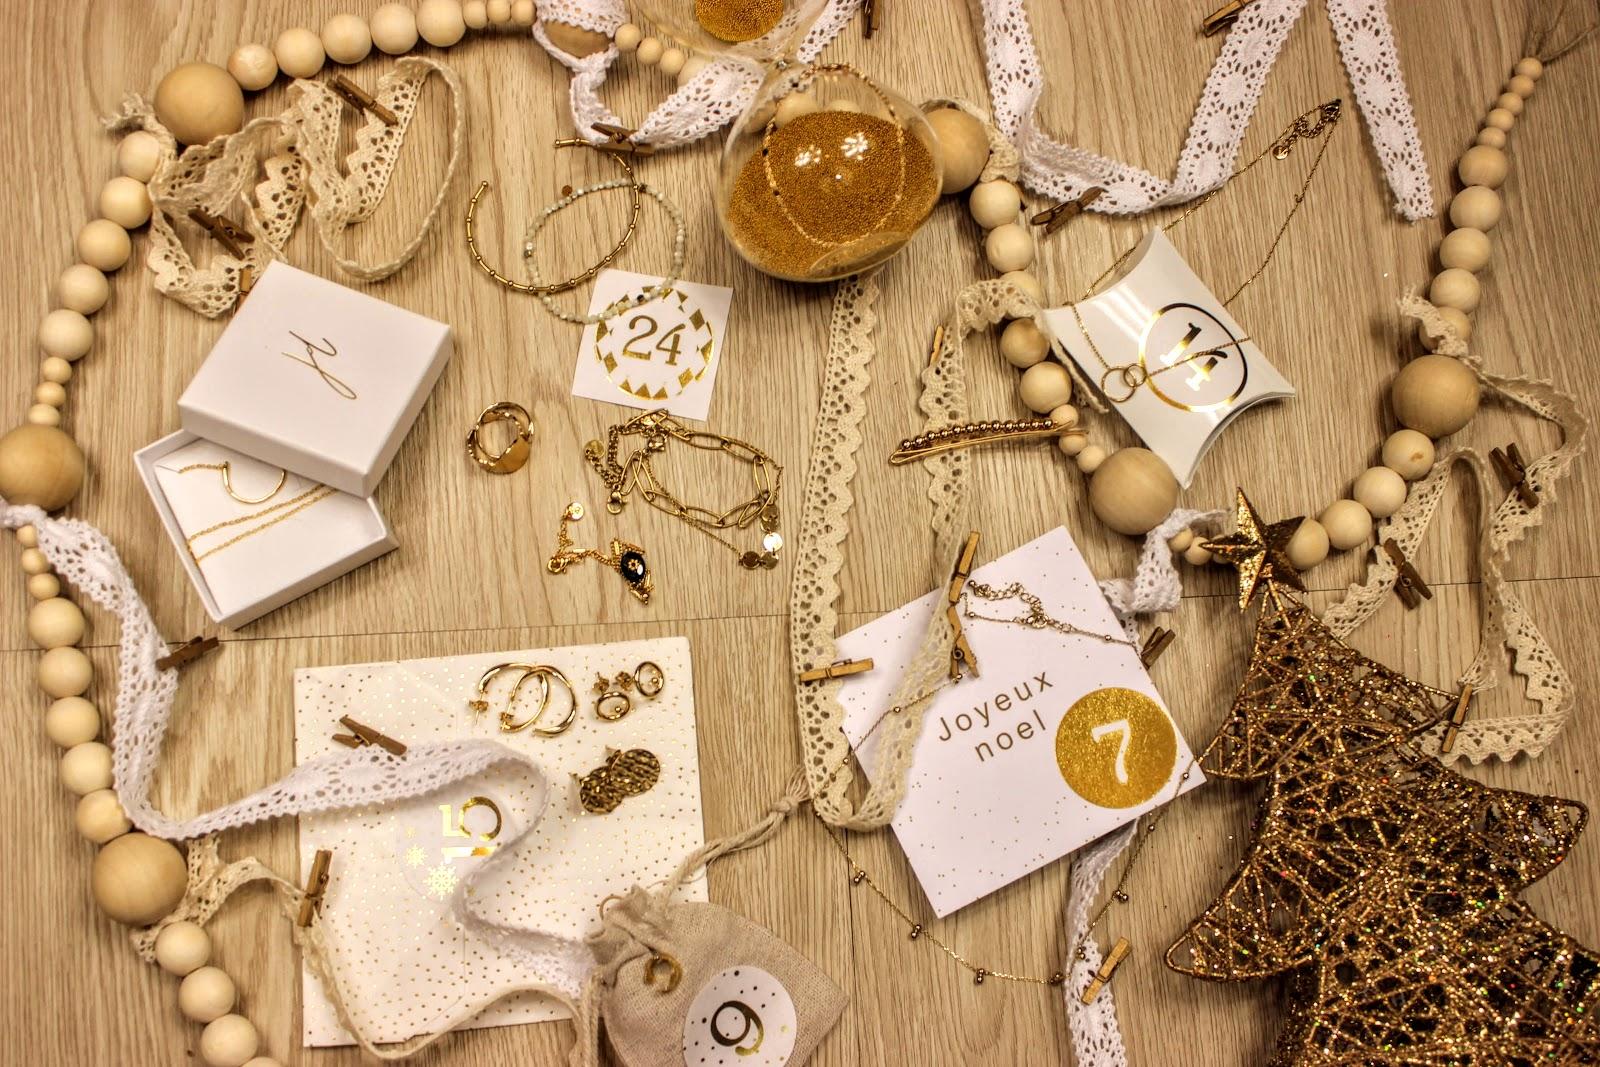 calendrier de l'avent bijoux jolie demoiselle, les petites bulles de ma vie